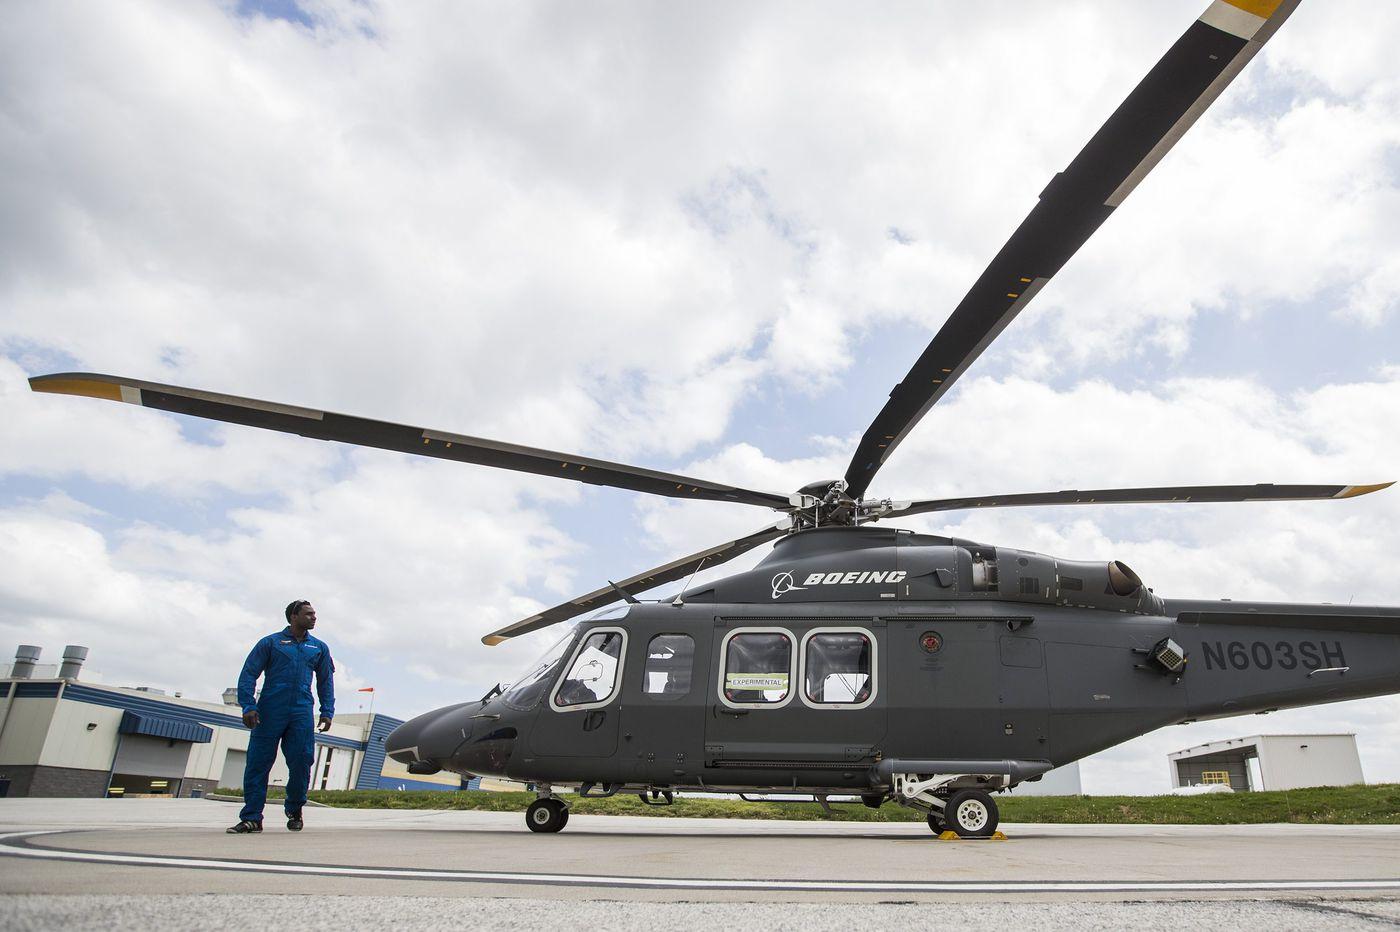 Helicopter maker Leonardo adds 166 jobs, $65 million training center in Northeast Philadelphia